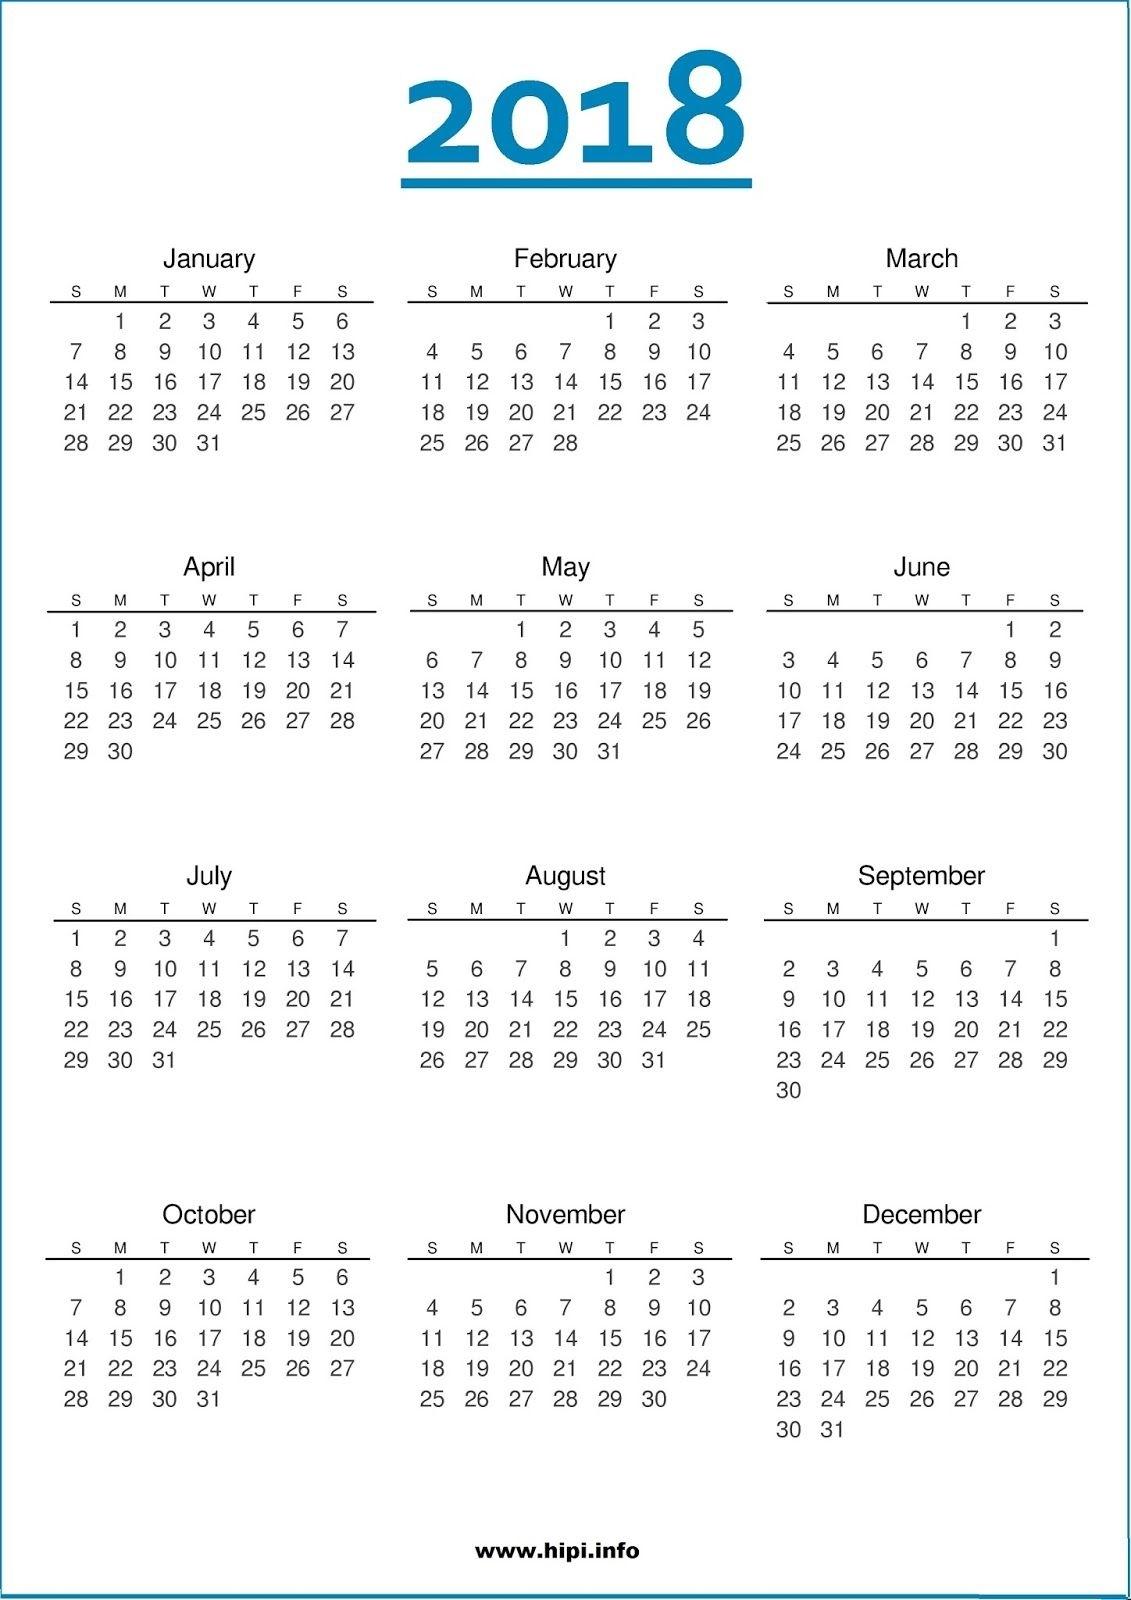 2018 Calendar One Page | November Calendar | Calendar 2018